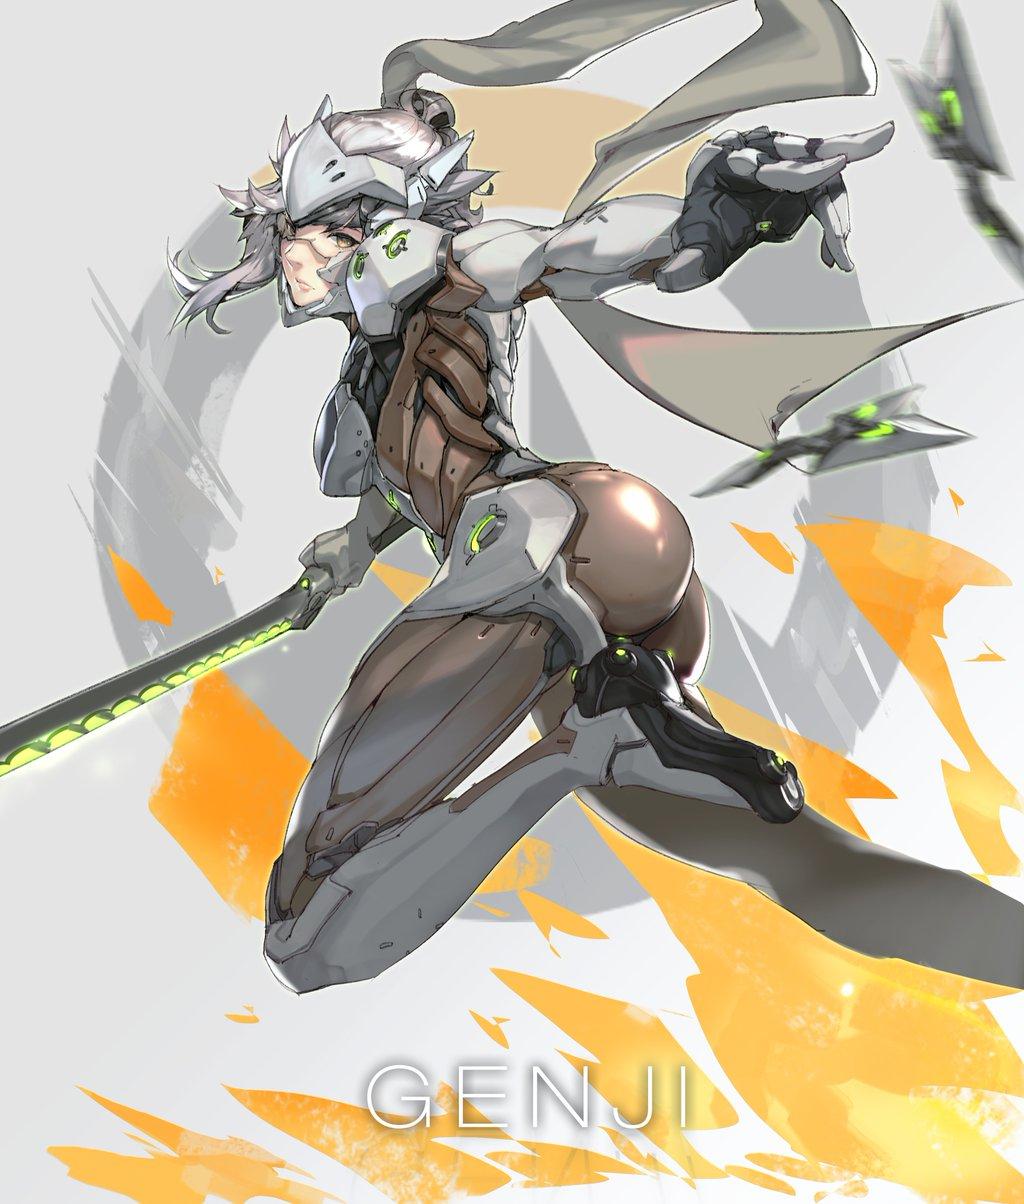 female genji by ���� overwatch know your meme